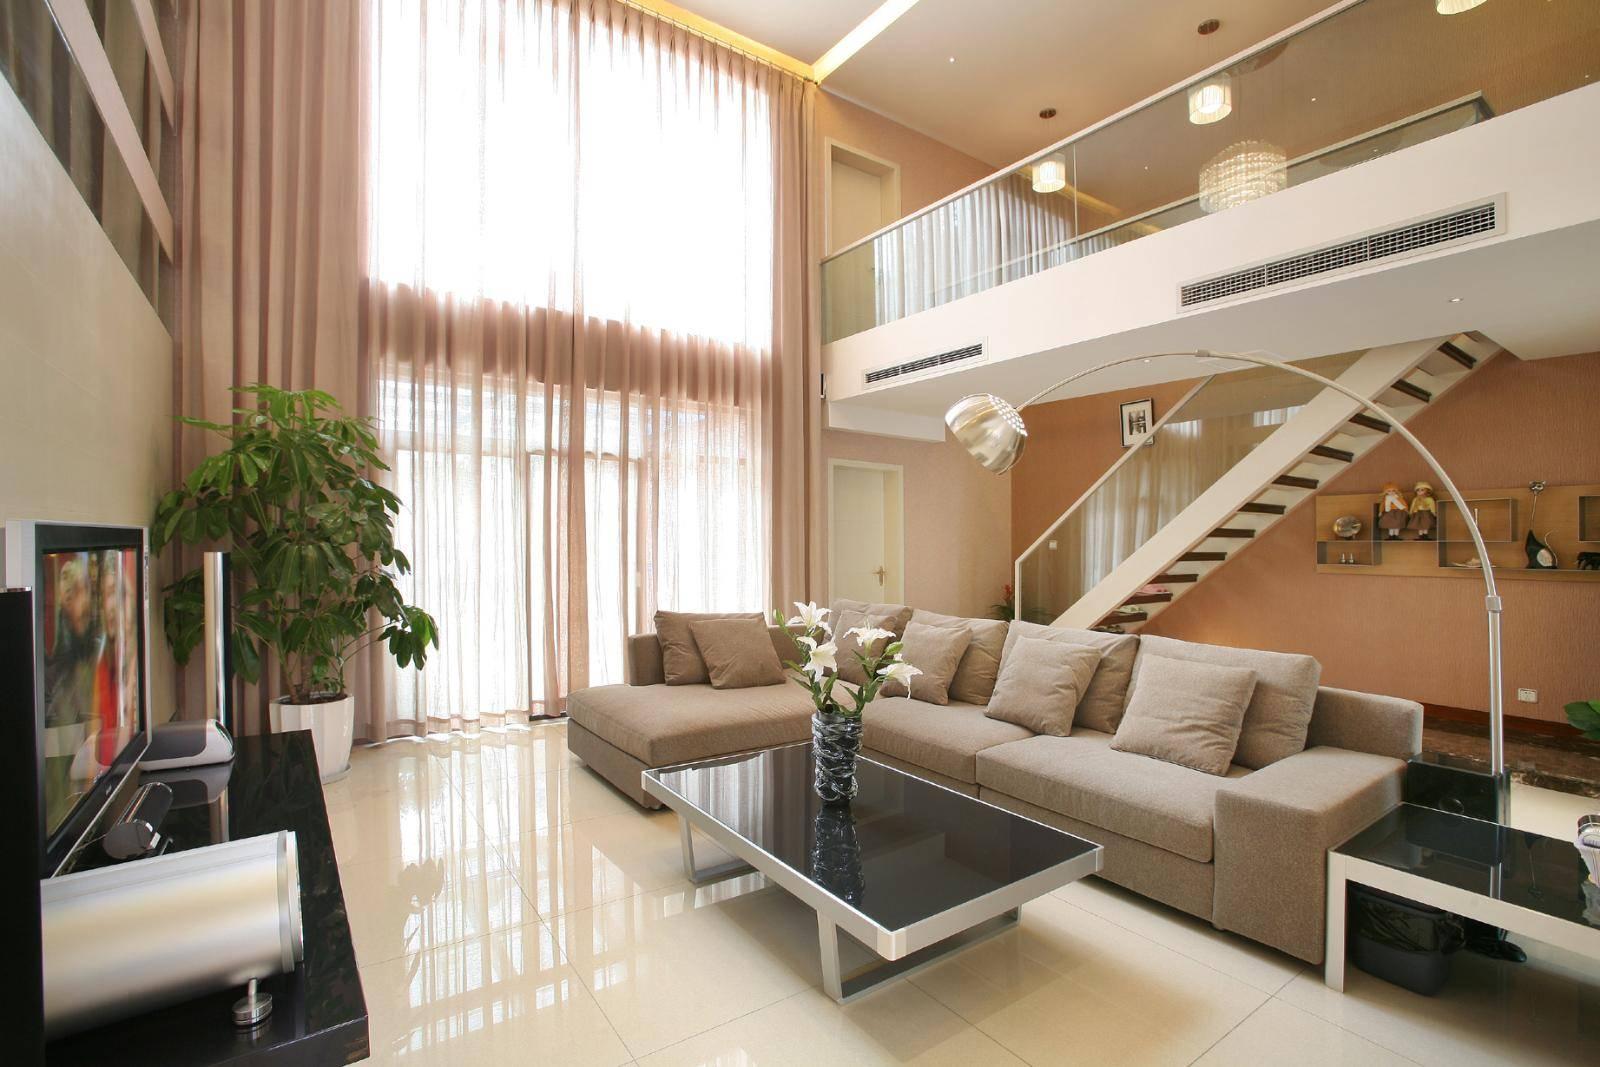 典雅复式楼挑高客厅沙发装修设计图片